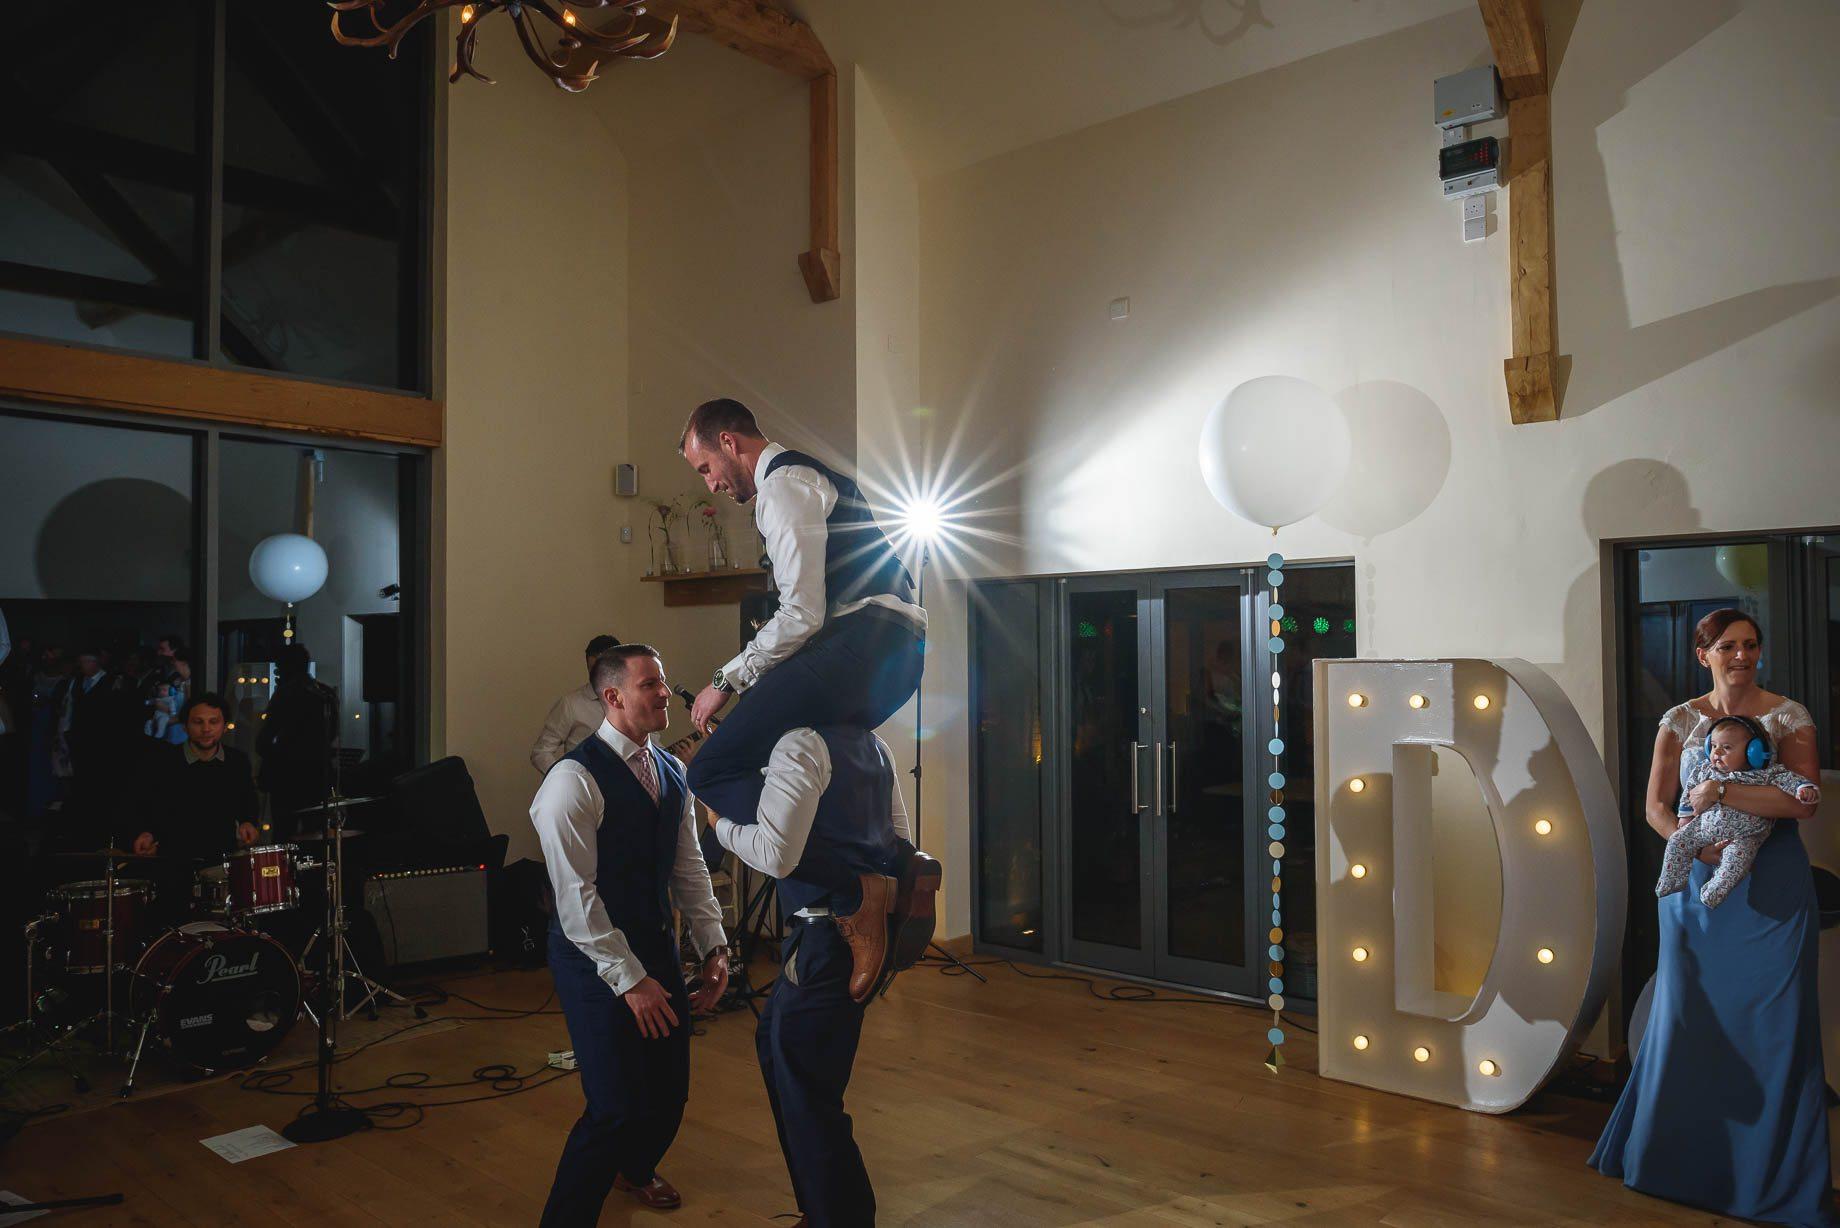 Millbridge Court Wedding Photography - Lisa and Daniel (169 of 173)